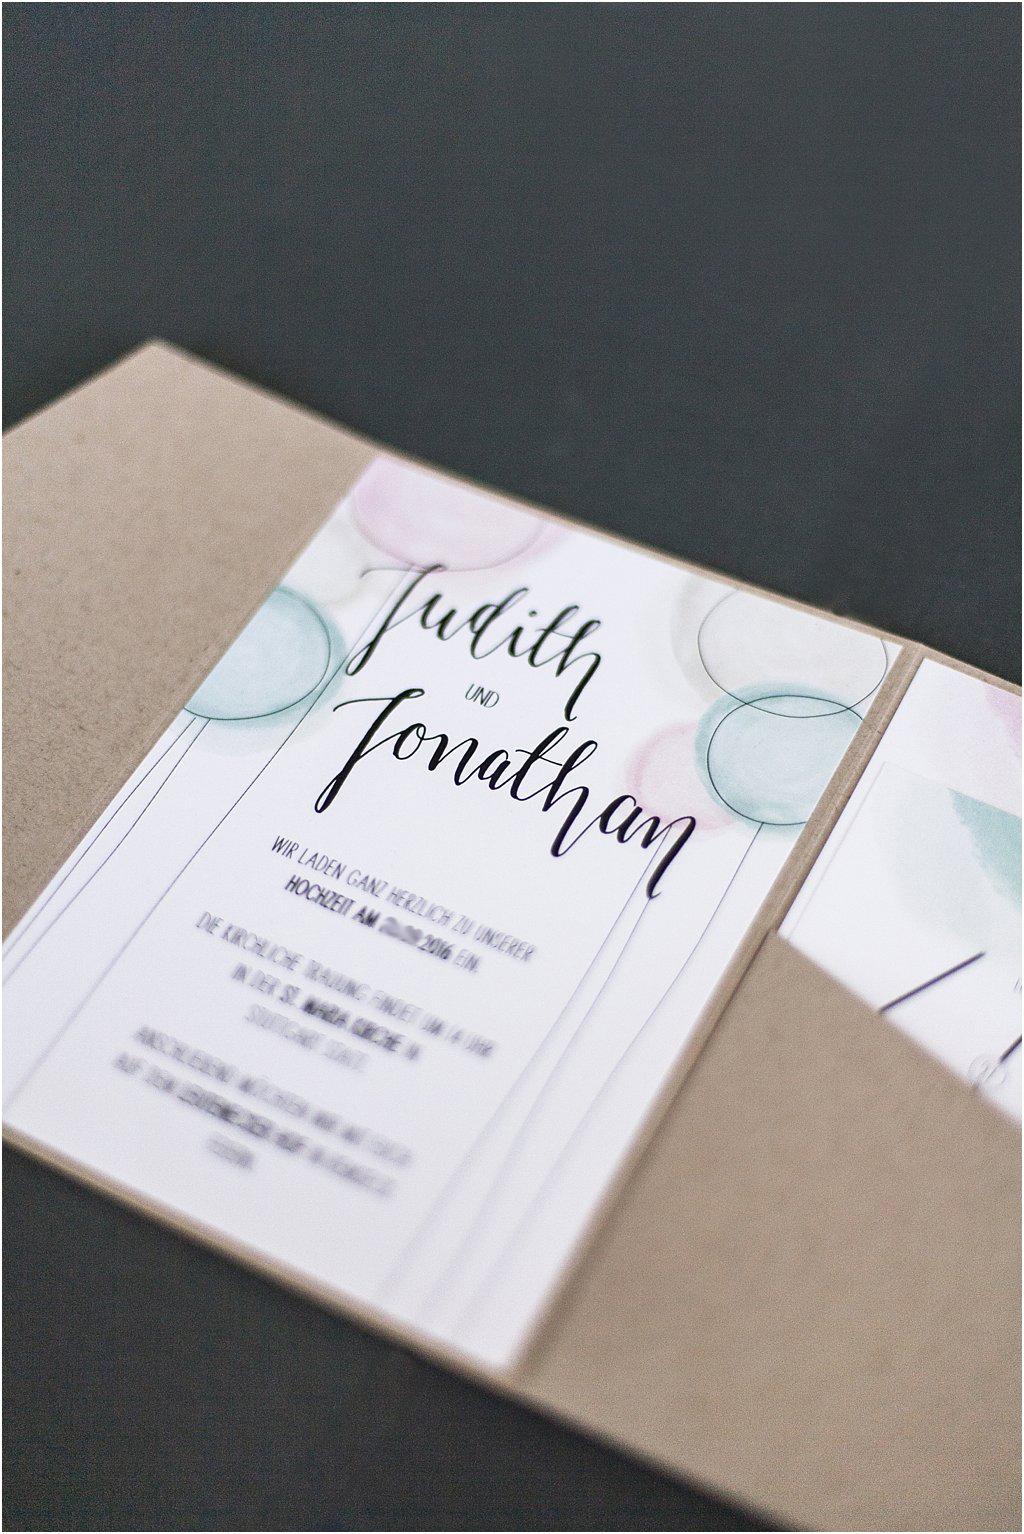 Pocketeinladung offen, eingeklebtes Einladungsschreiben